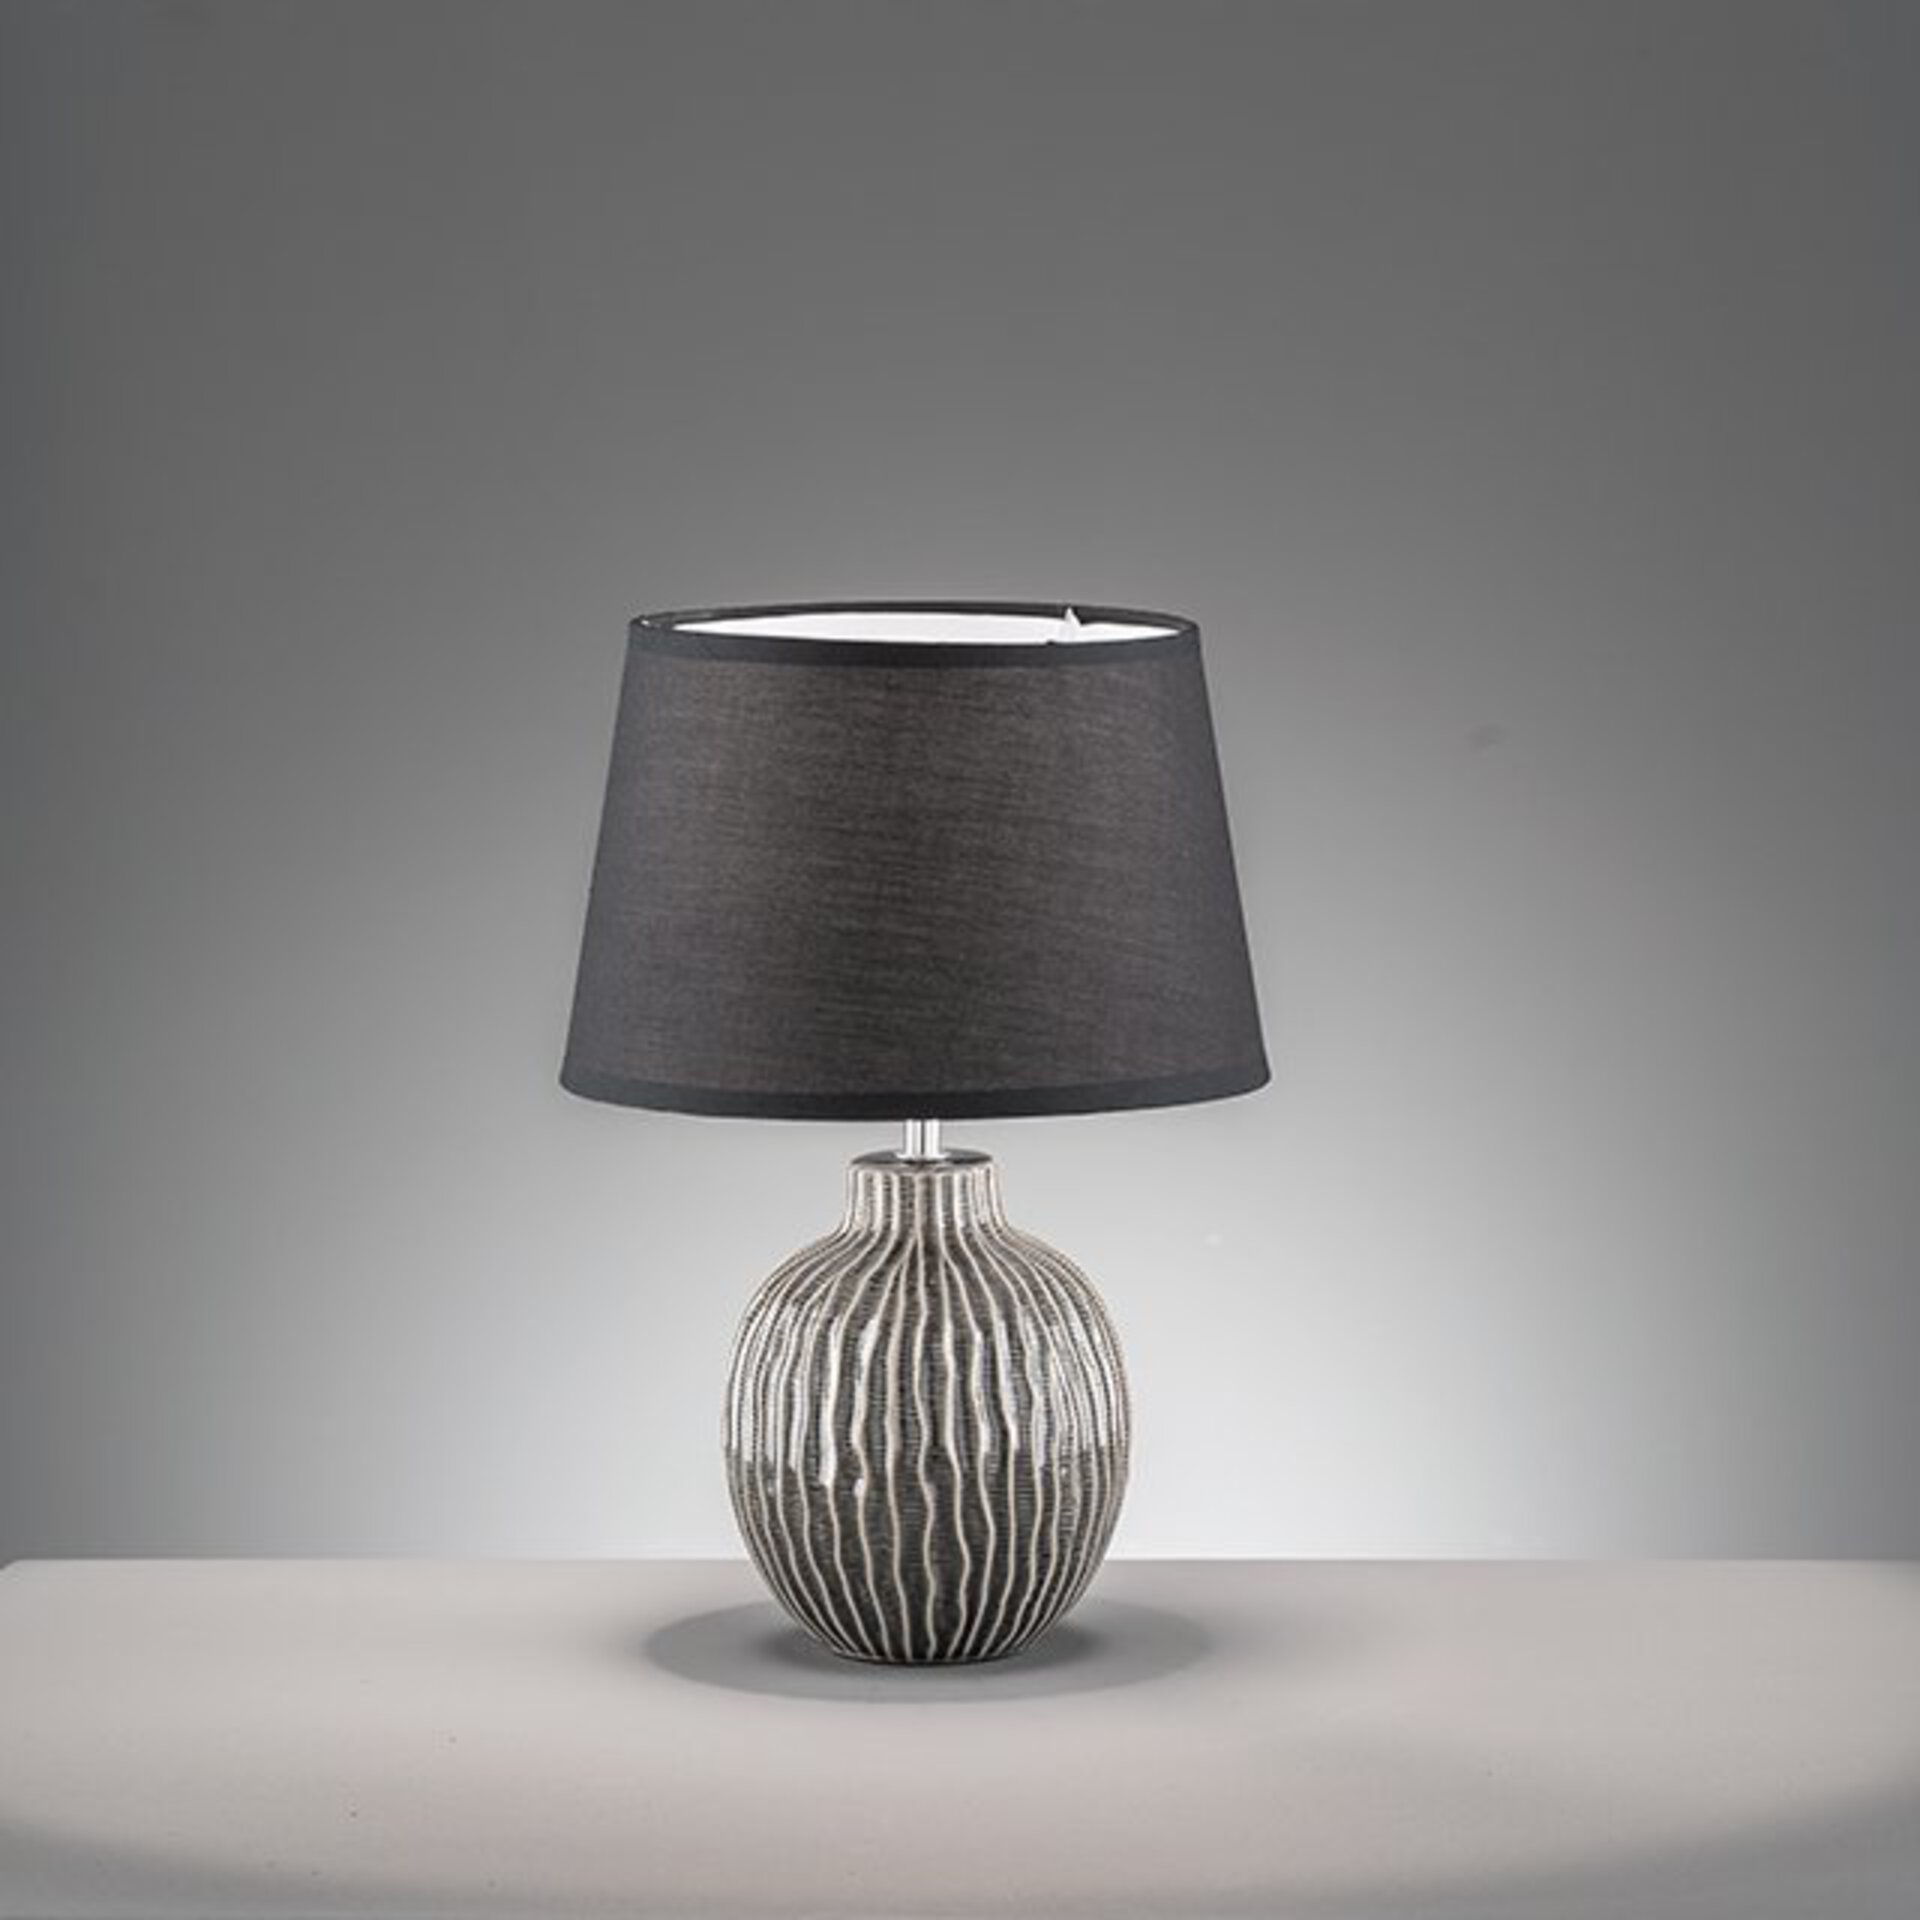 Tischleuchte Anau Fischer-Honsel Keramik grau 35 x 45 x 35 cm